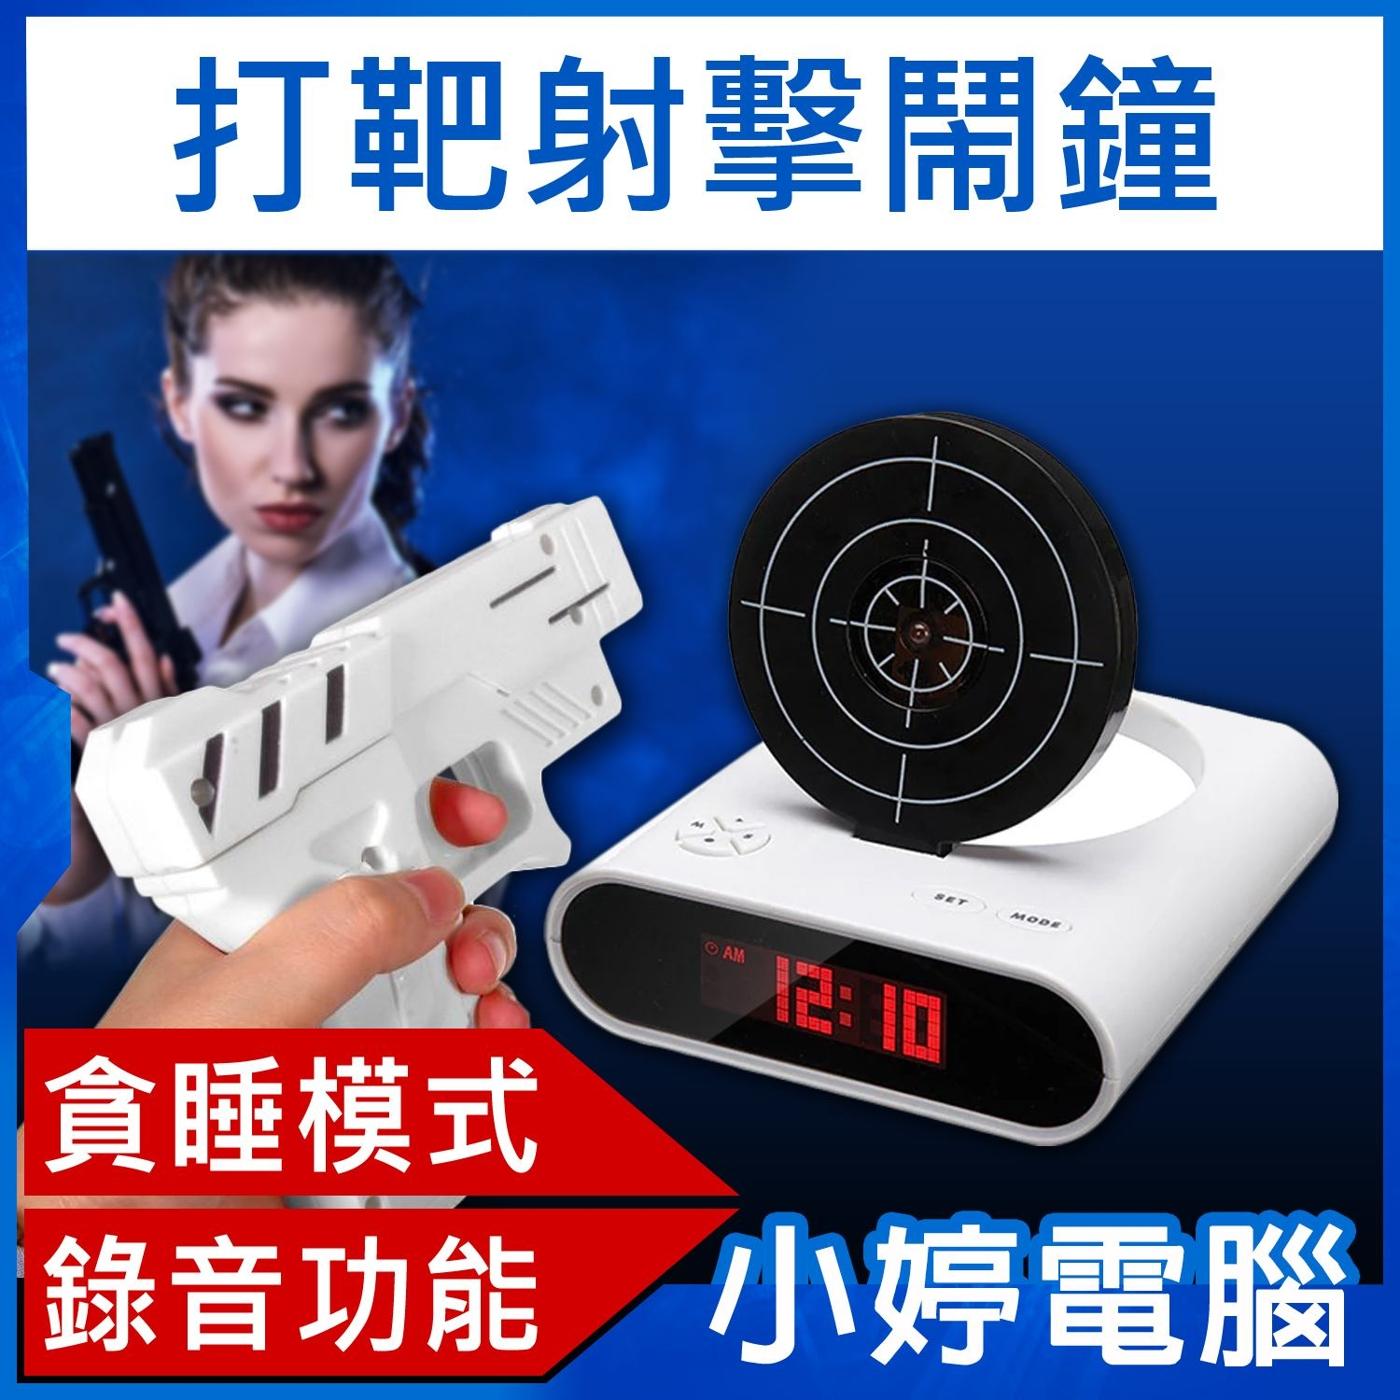 【限時24期零利率】全新 打靶射擊鬧鐘 創意鬧鐘 射擊玩具懶人貪睡 錄音功能 靜音電子時鐘